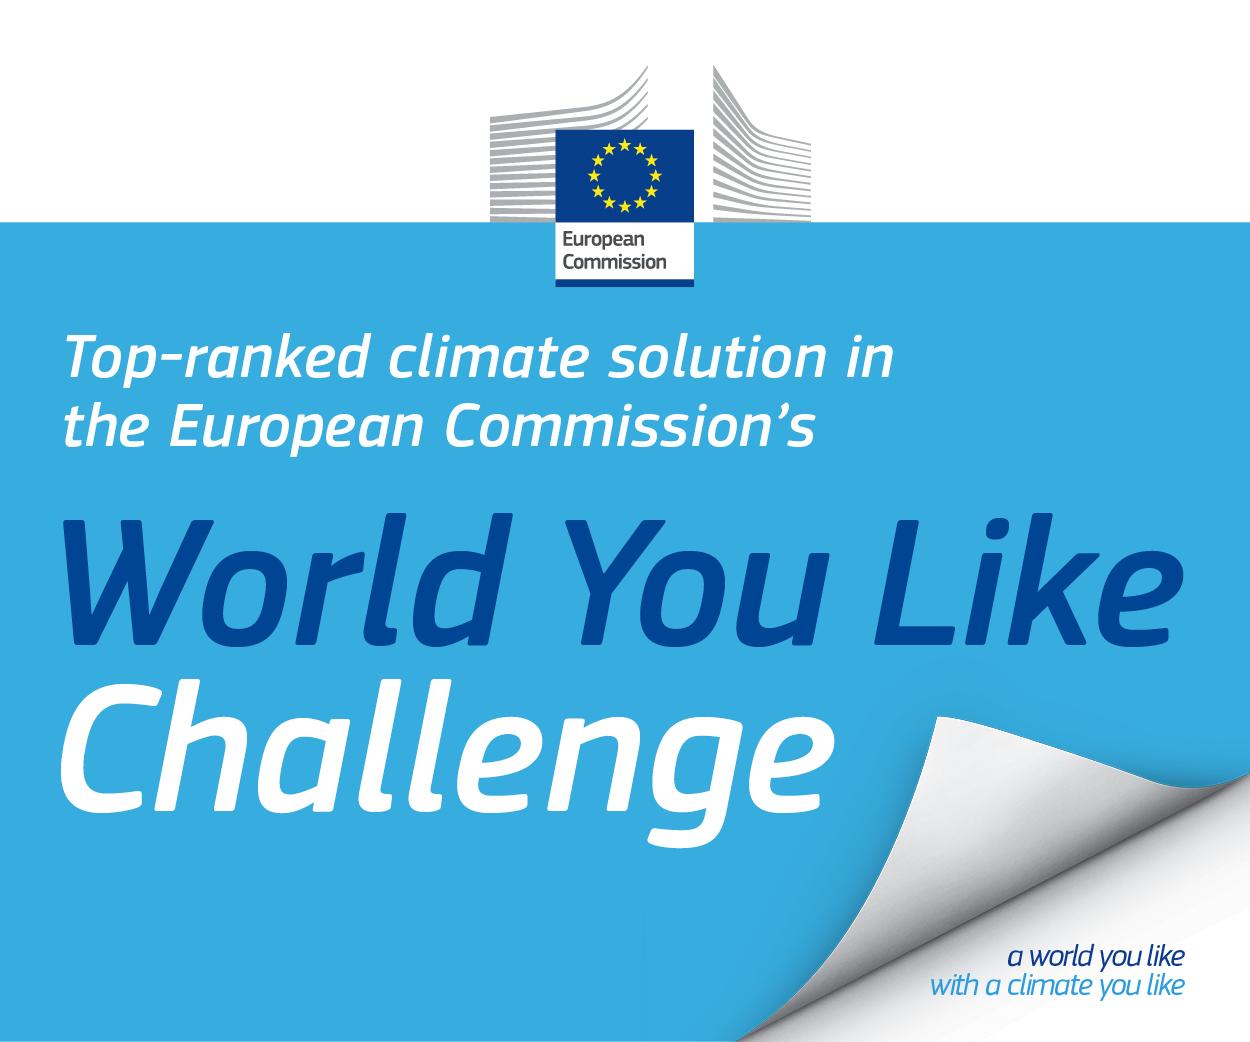 WorldYouLike Challenge